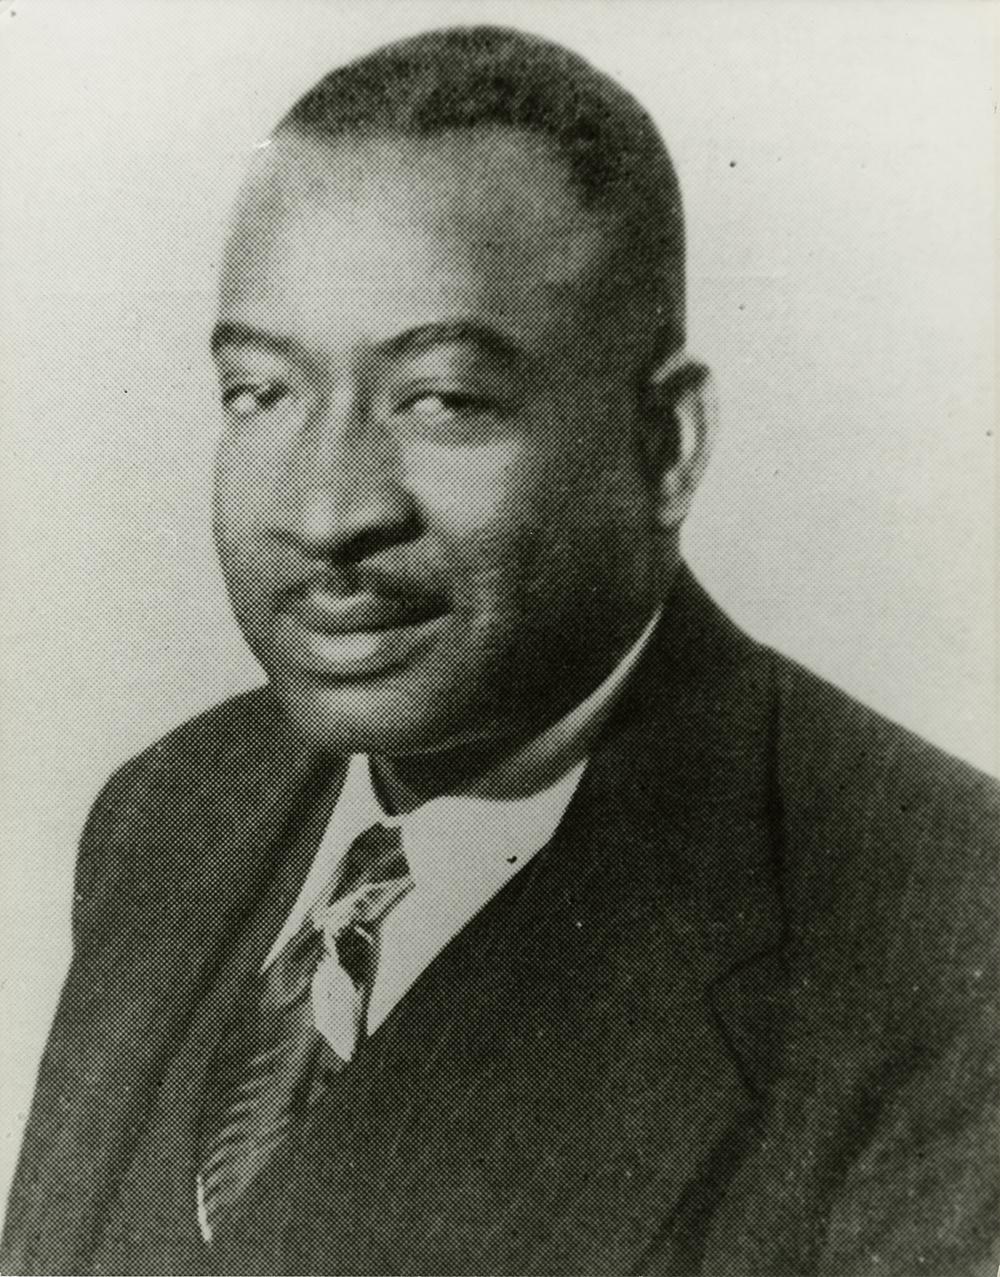 Thomas A. Dorsey  (1945), image courtesy of the Hogan Jazz Archive, Tulane University.